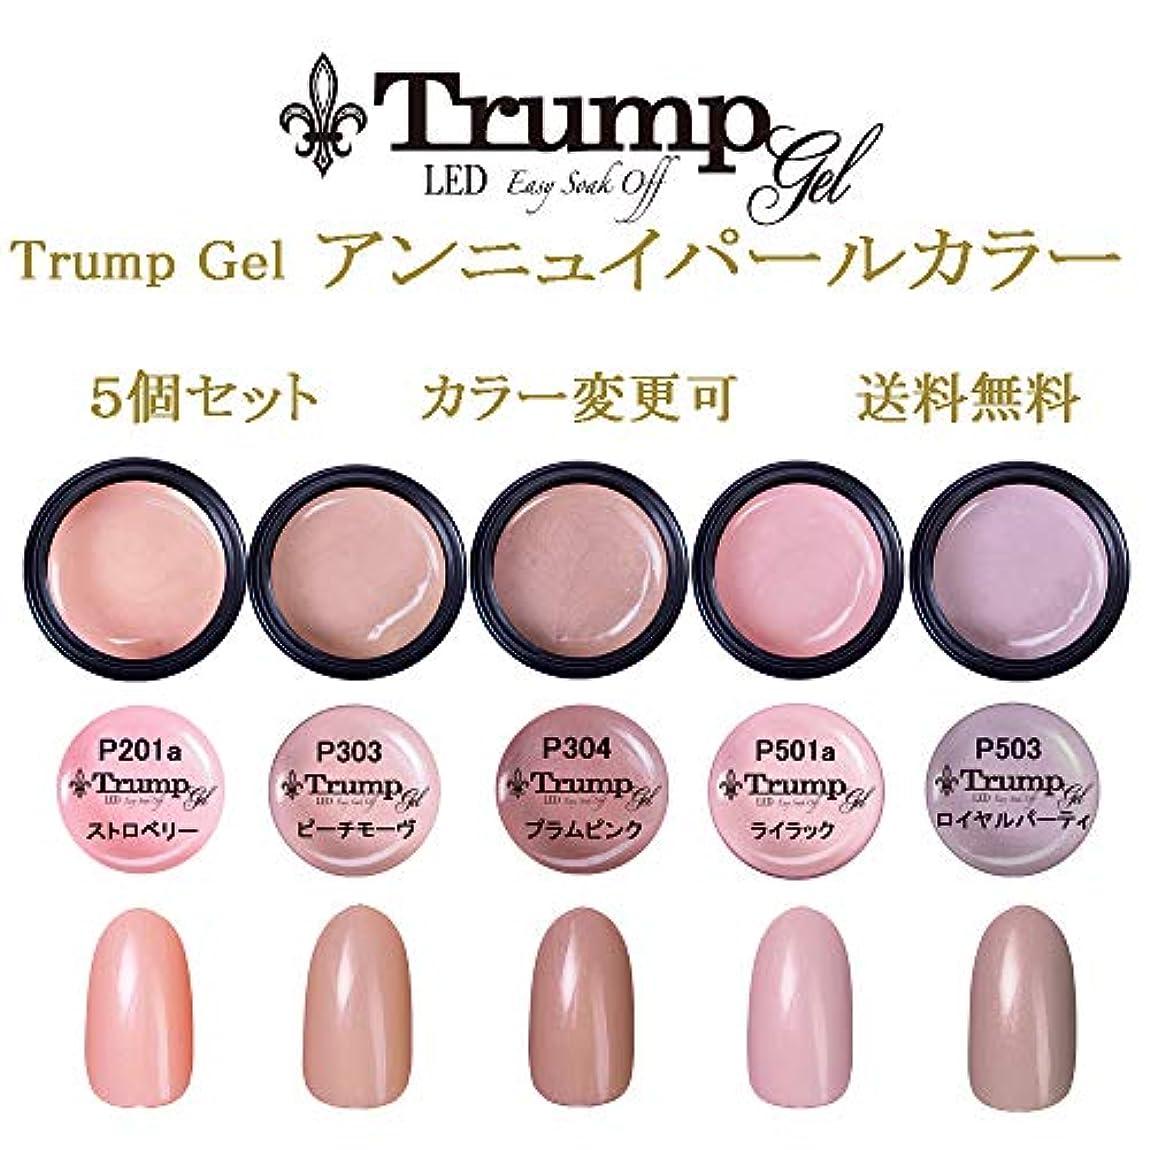 放棄する鯨自発日本製 Trump gel トランプジェル アンニュイ パール 選べる カラージェル 5個セット ピンク ベージュ パープル